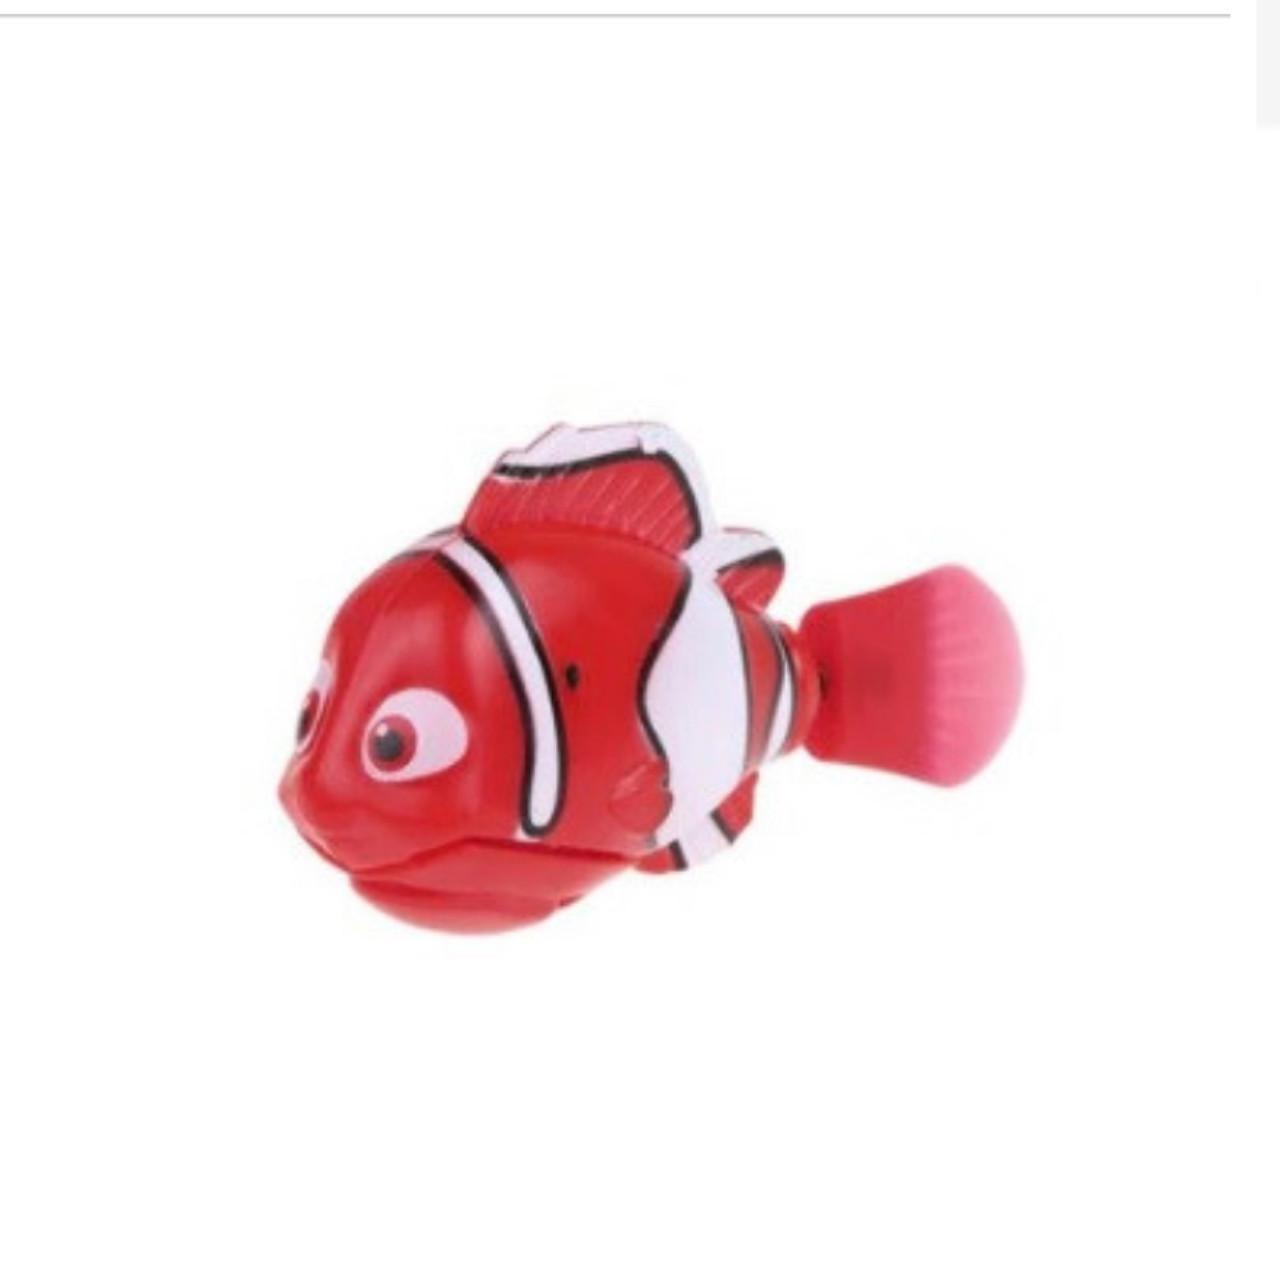 Интерактивная игрушка рыбка-робот (роборыбка) Nano Robo Fish В поисках Немо